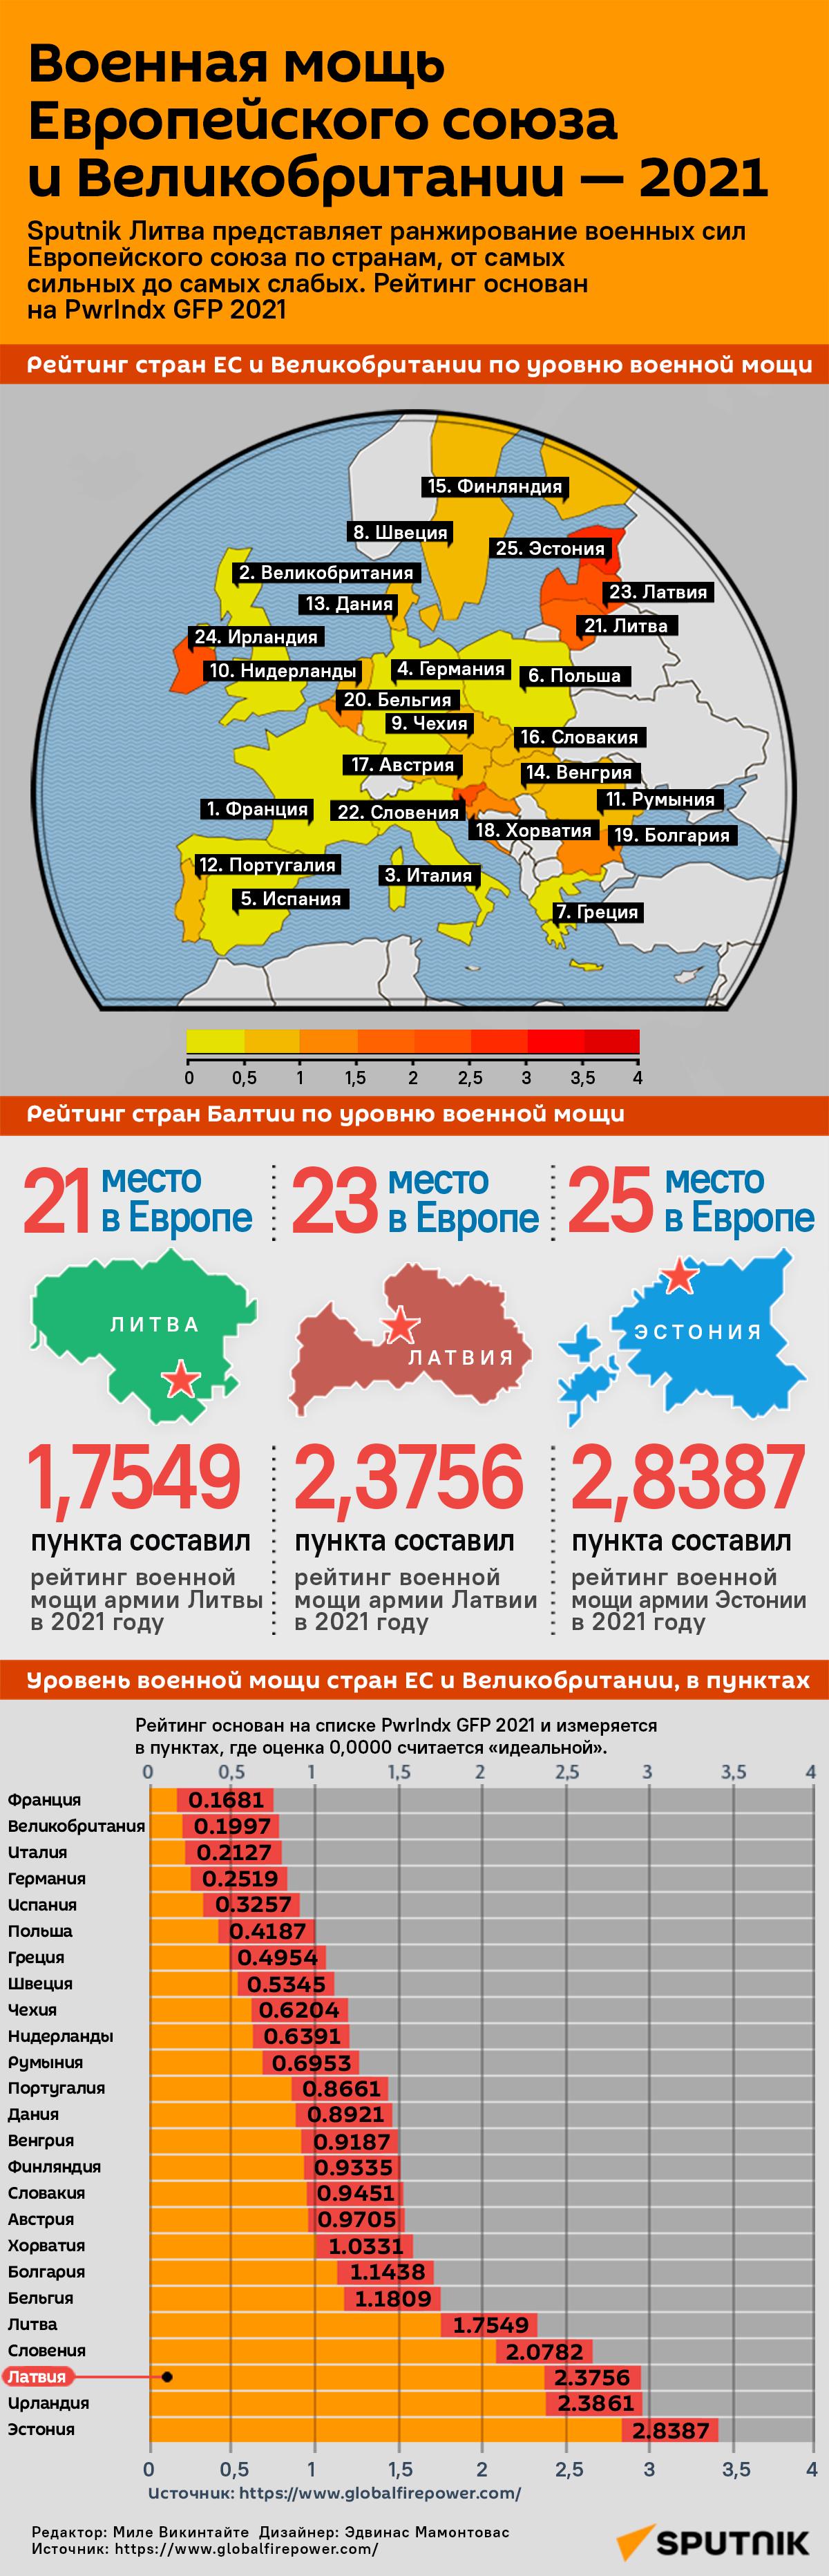 Военная мощь Европейского союза и Великобритании — 2021 - Sputnik Латвия